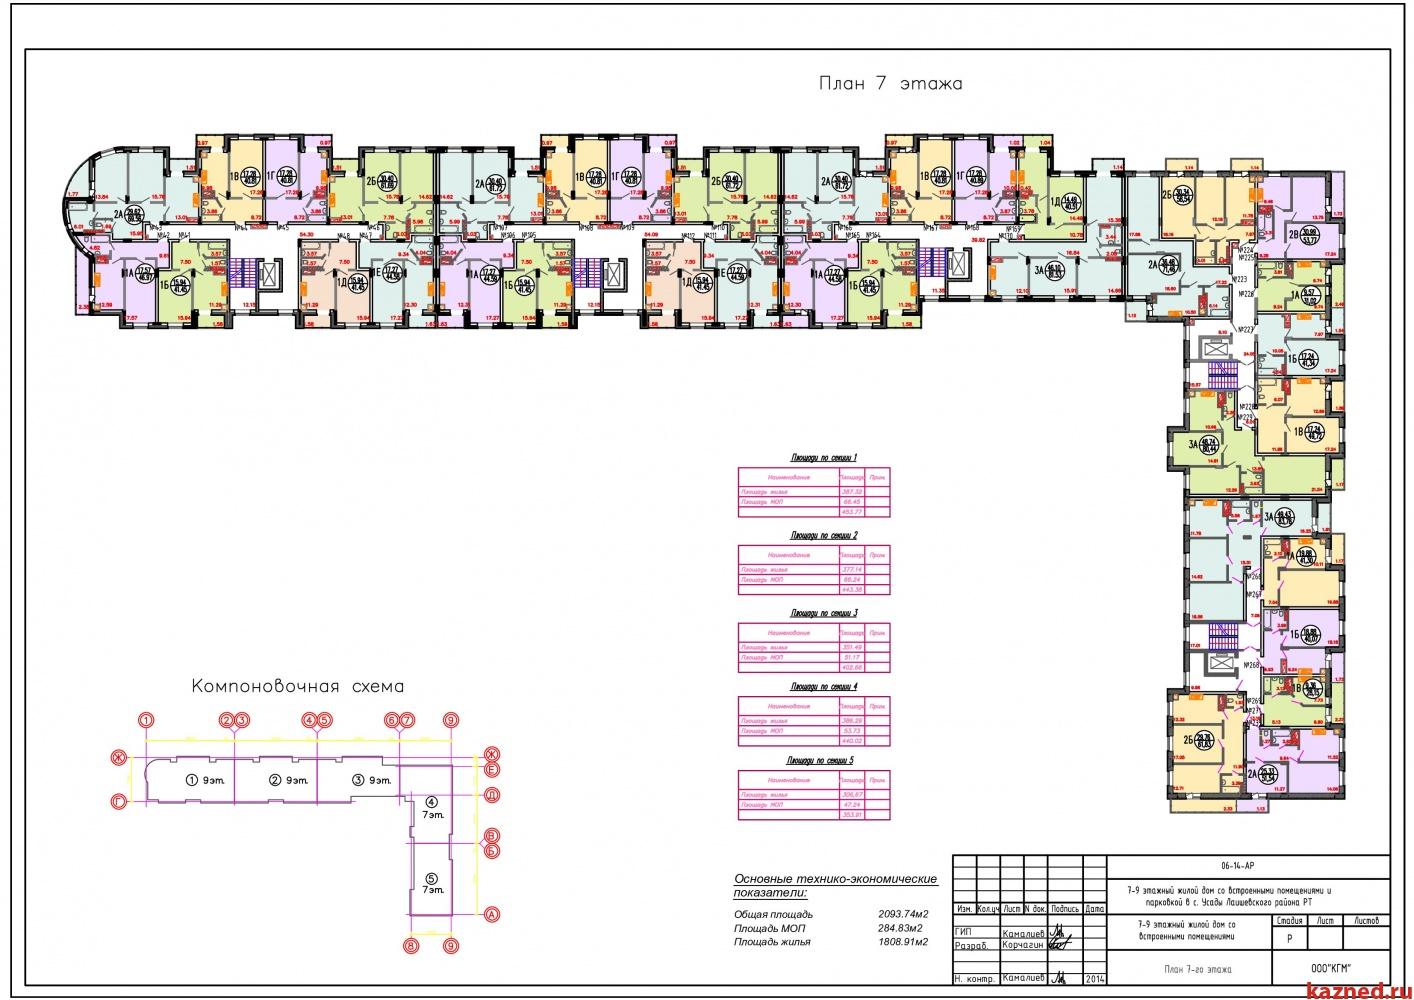 Продажа 1-к квартиры Счастливая, 65 м²  (миниатюра №4)